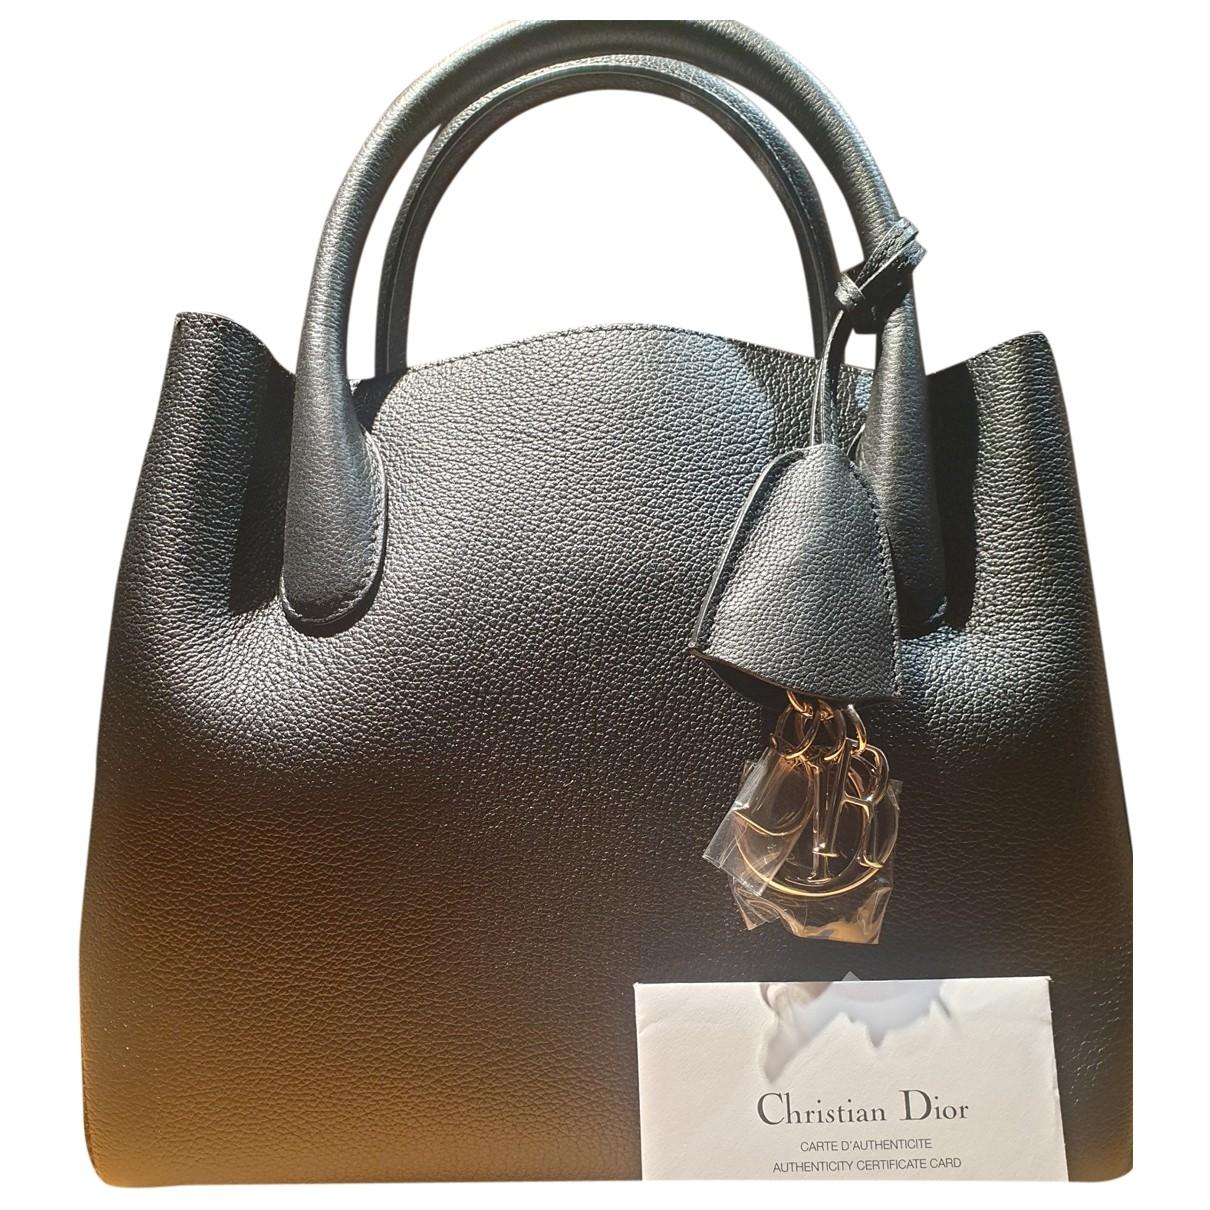 Christian Dior - Sac a main   pour femme en cuir - noir